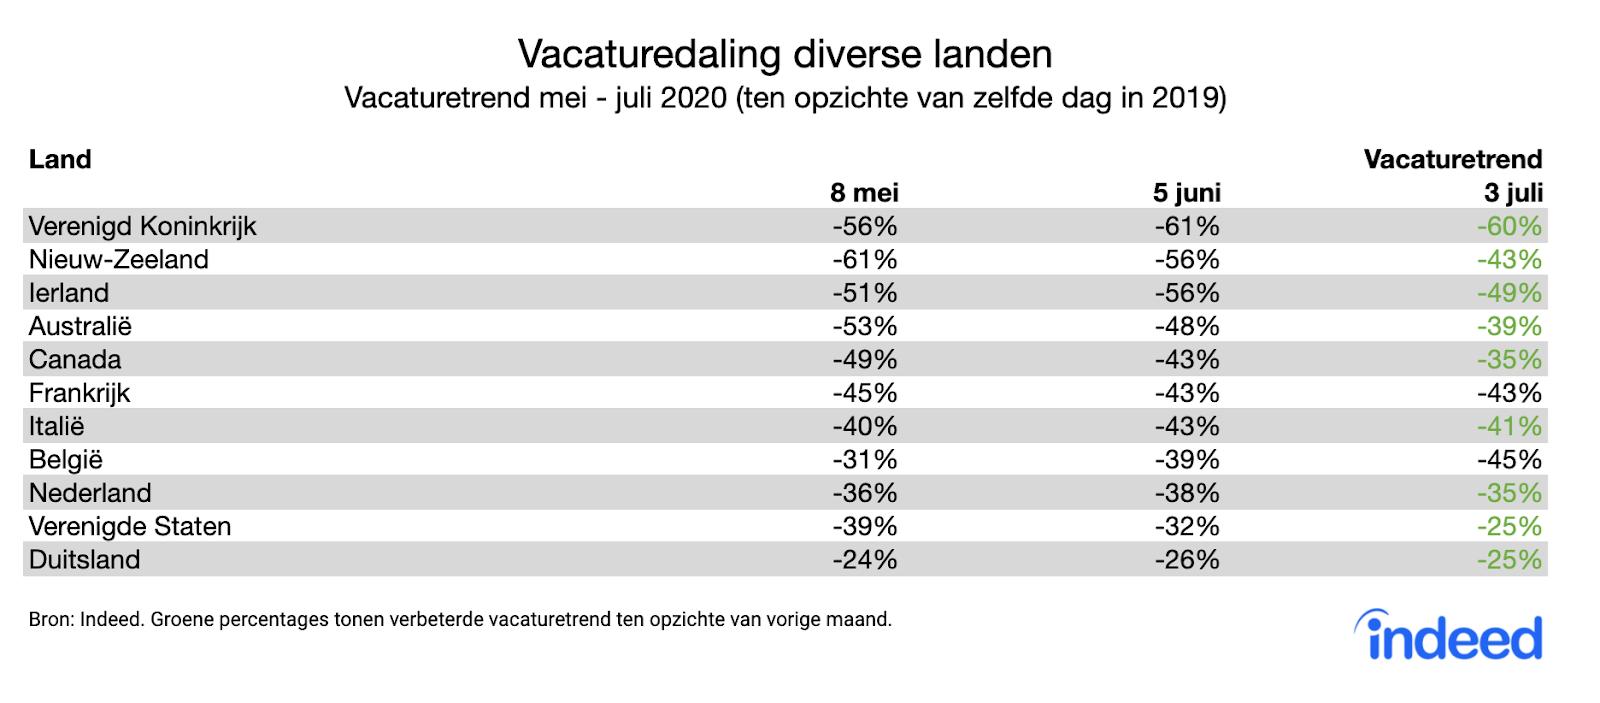 Indeed-vacaturedaling-diverse-landen-mei-juni-en-begin-juli-2020